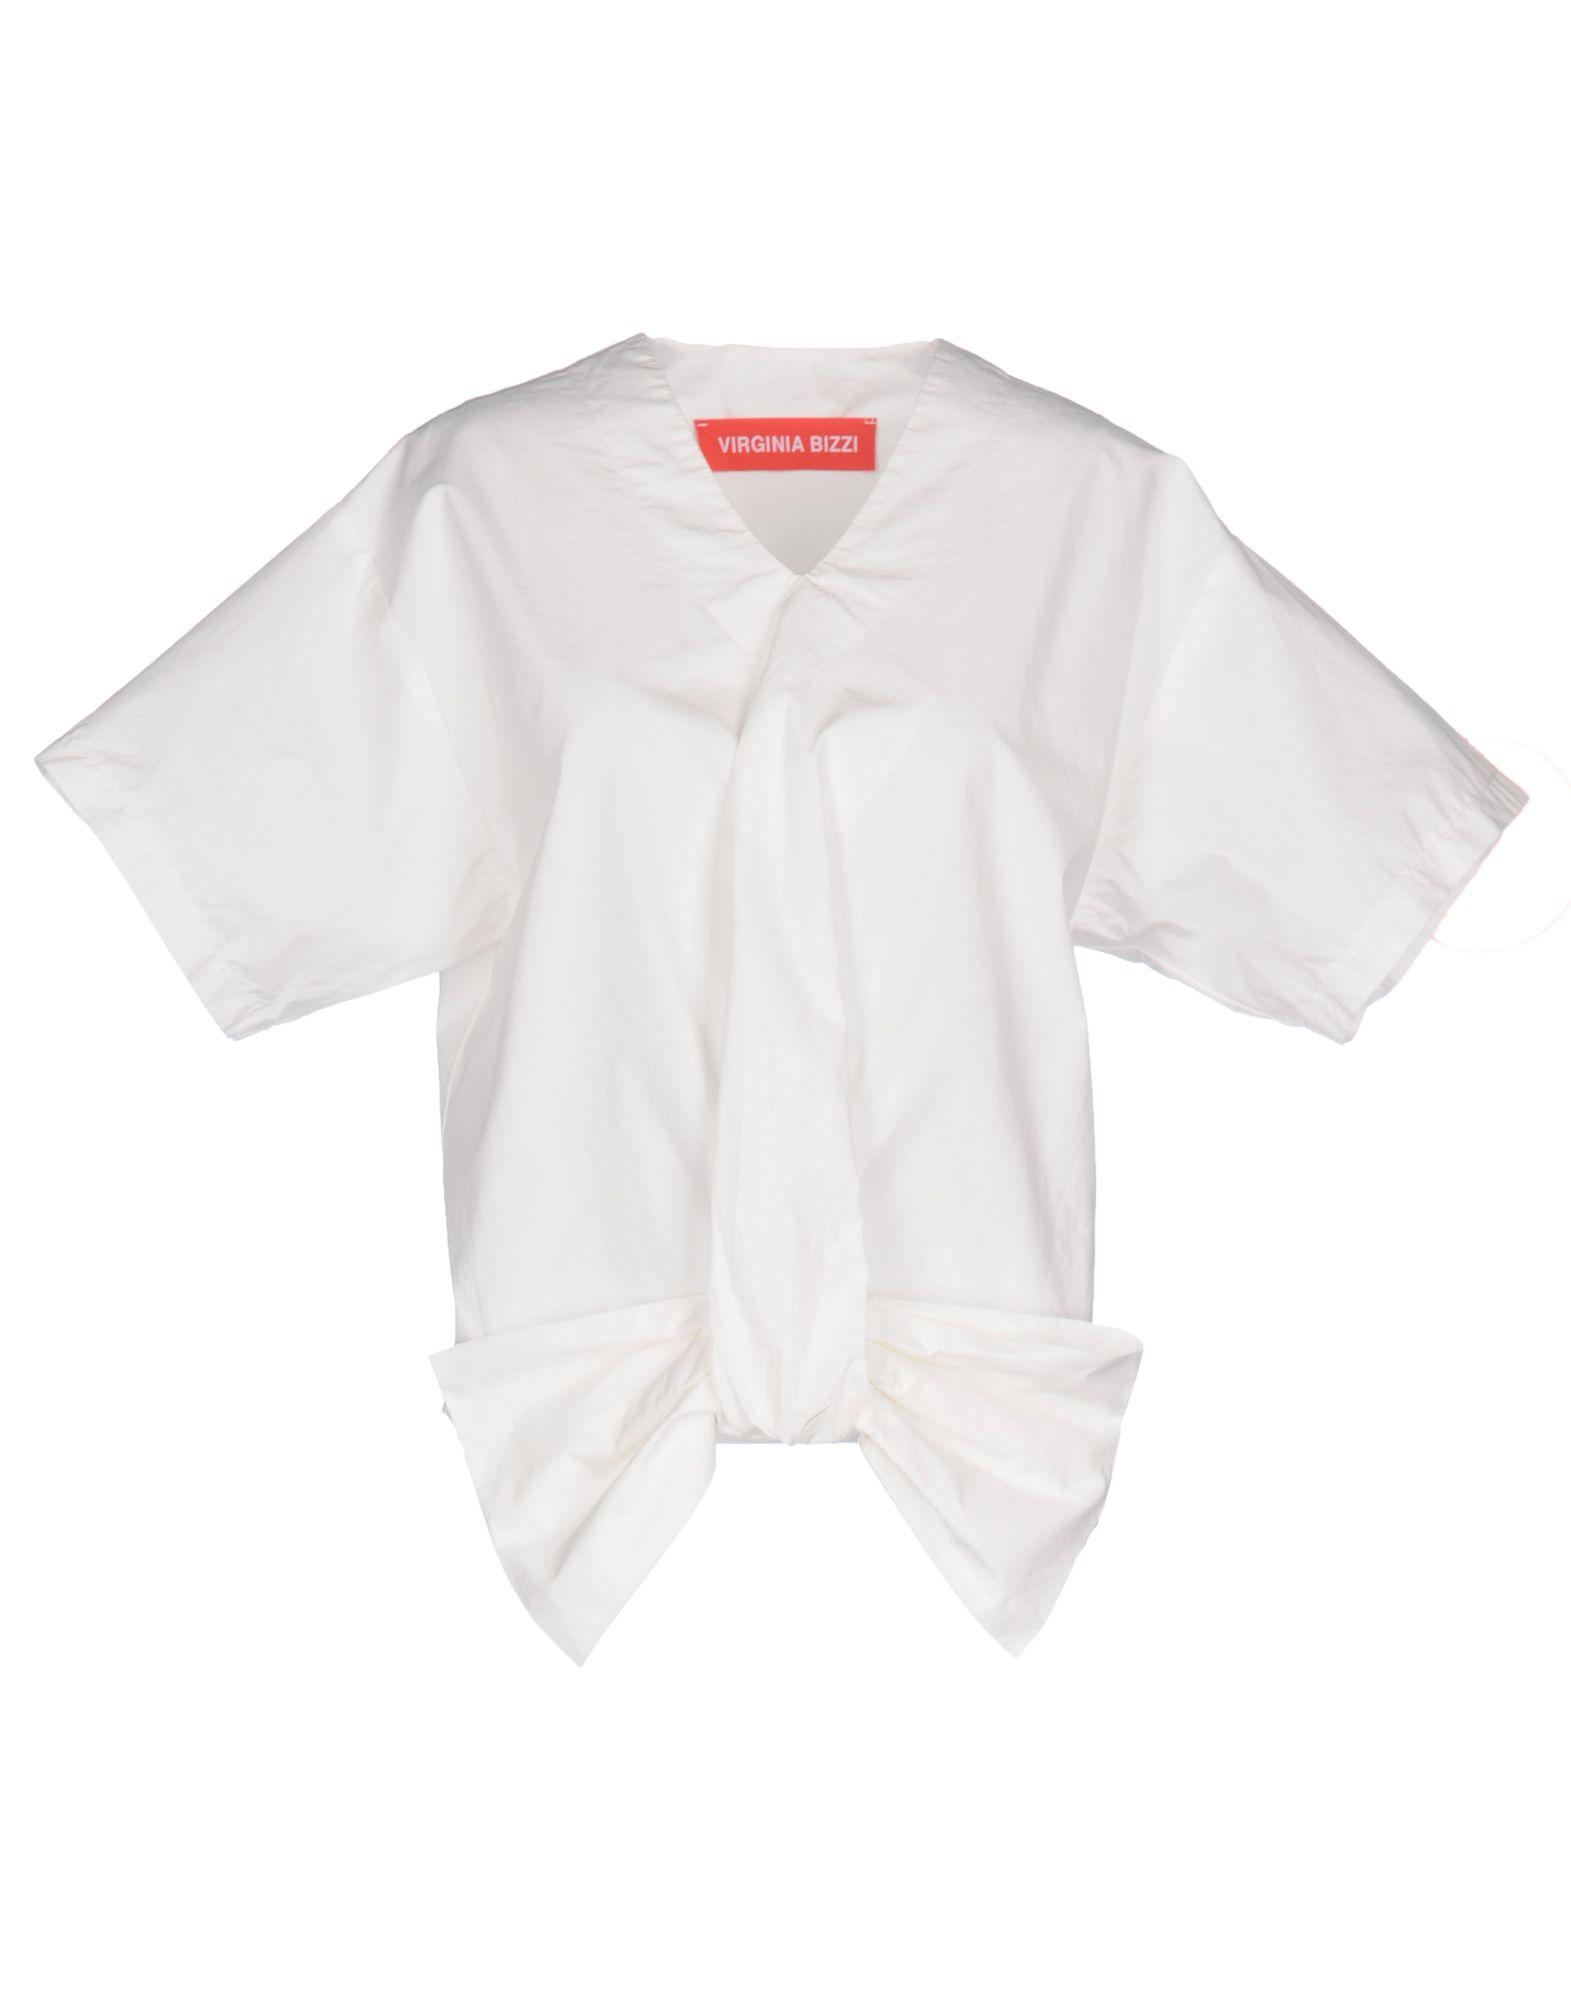 SHIRTS - Blouses Virginia Bizzi Sale Get Authentic lcUp57je7